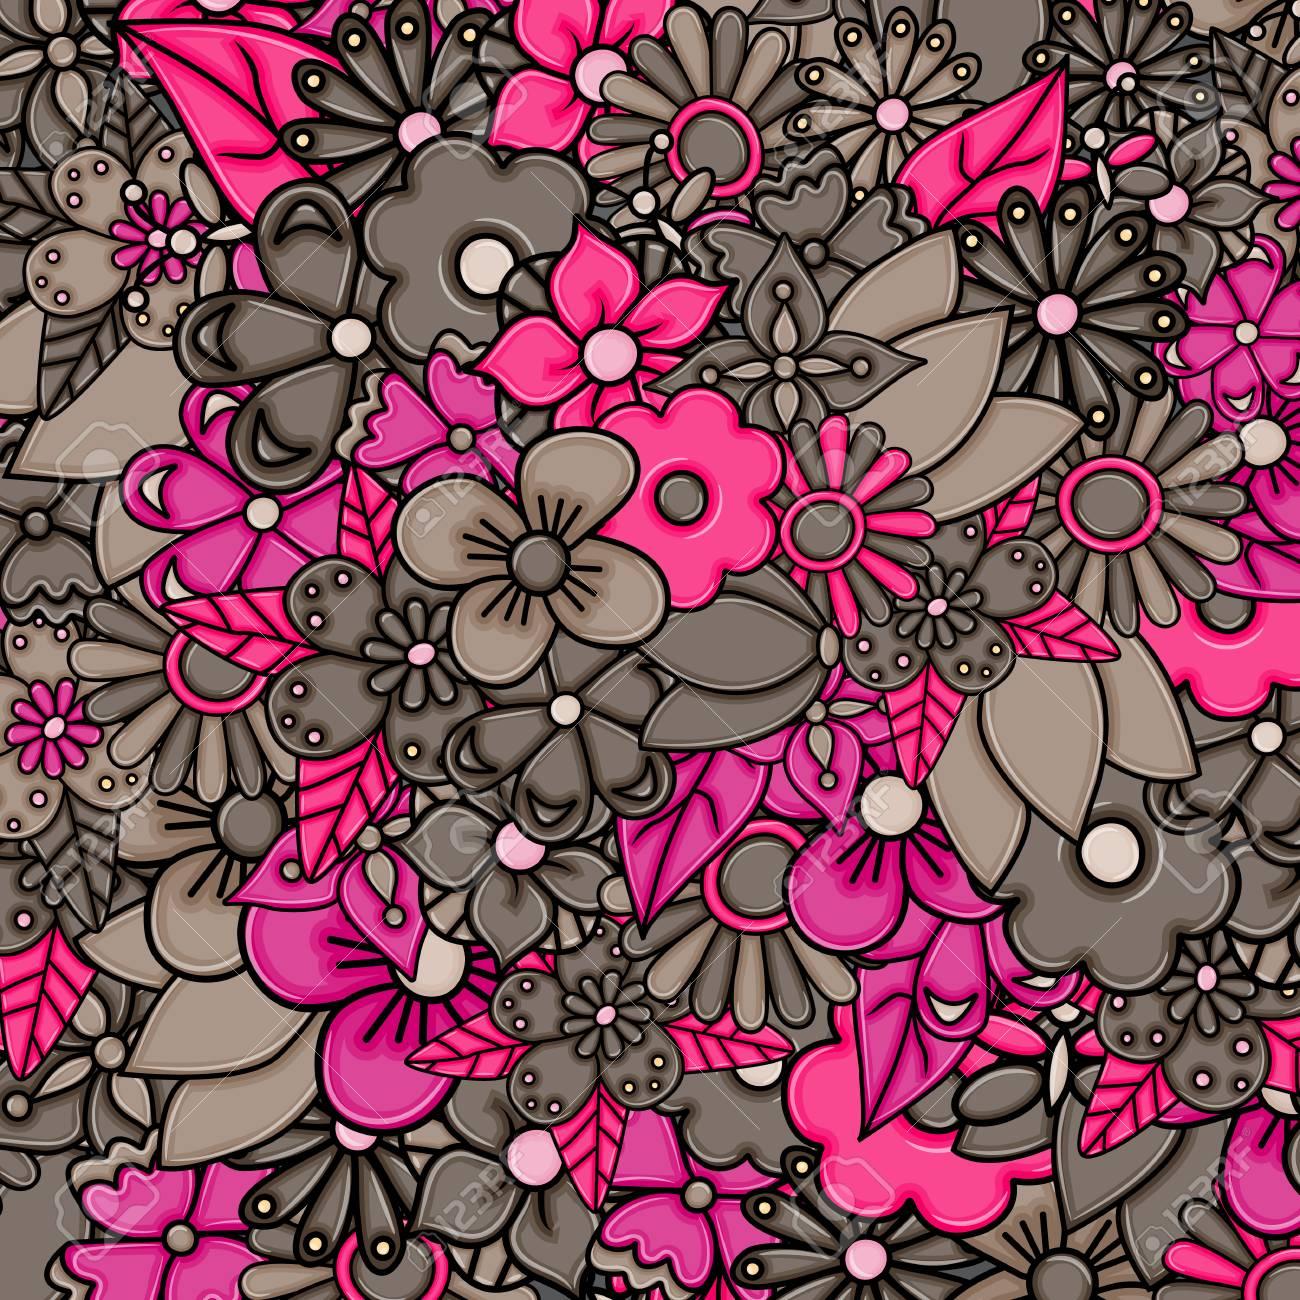 Fond De Carte De Dessin Animé De Fleurs Dessinés à La Main Concept De Printemps Ou Dété Illustration Vectorielle Doodle Couleur Rose Et Brune